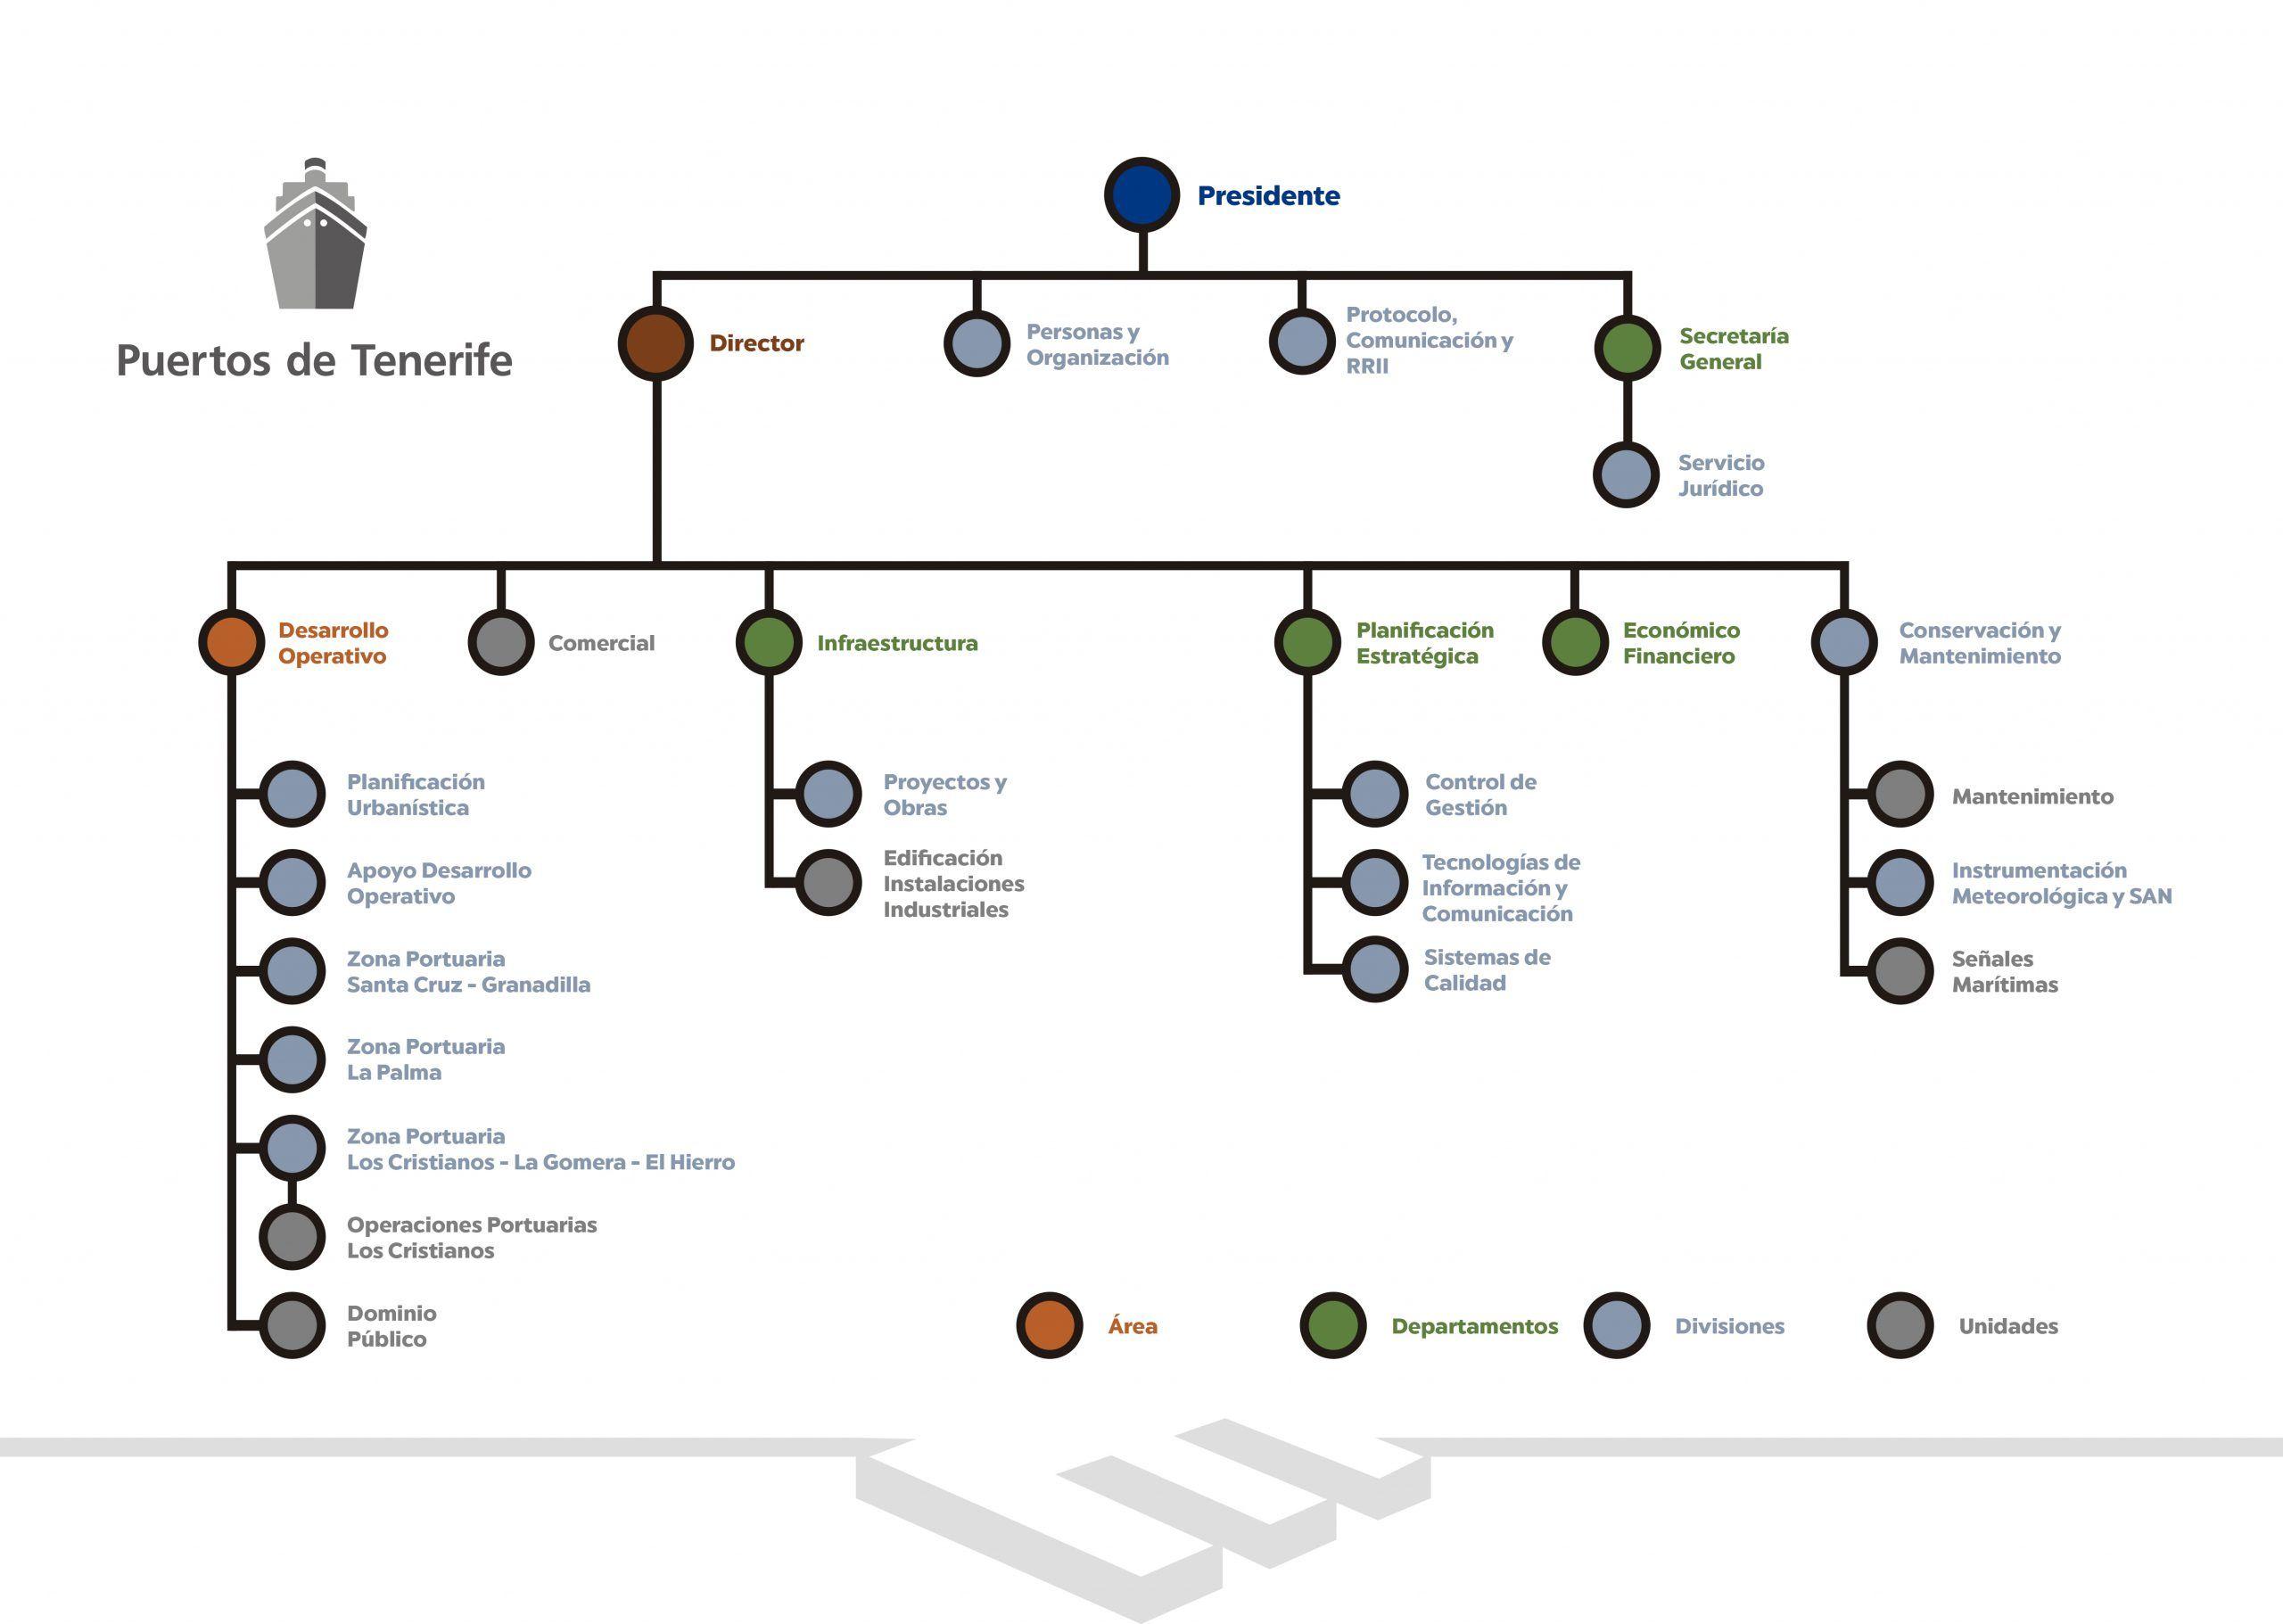 Organigrama de la Autoridad Portuaria de Tenerife actualizado en octubre 2020